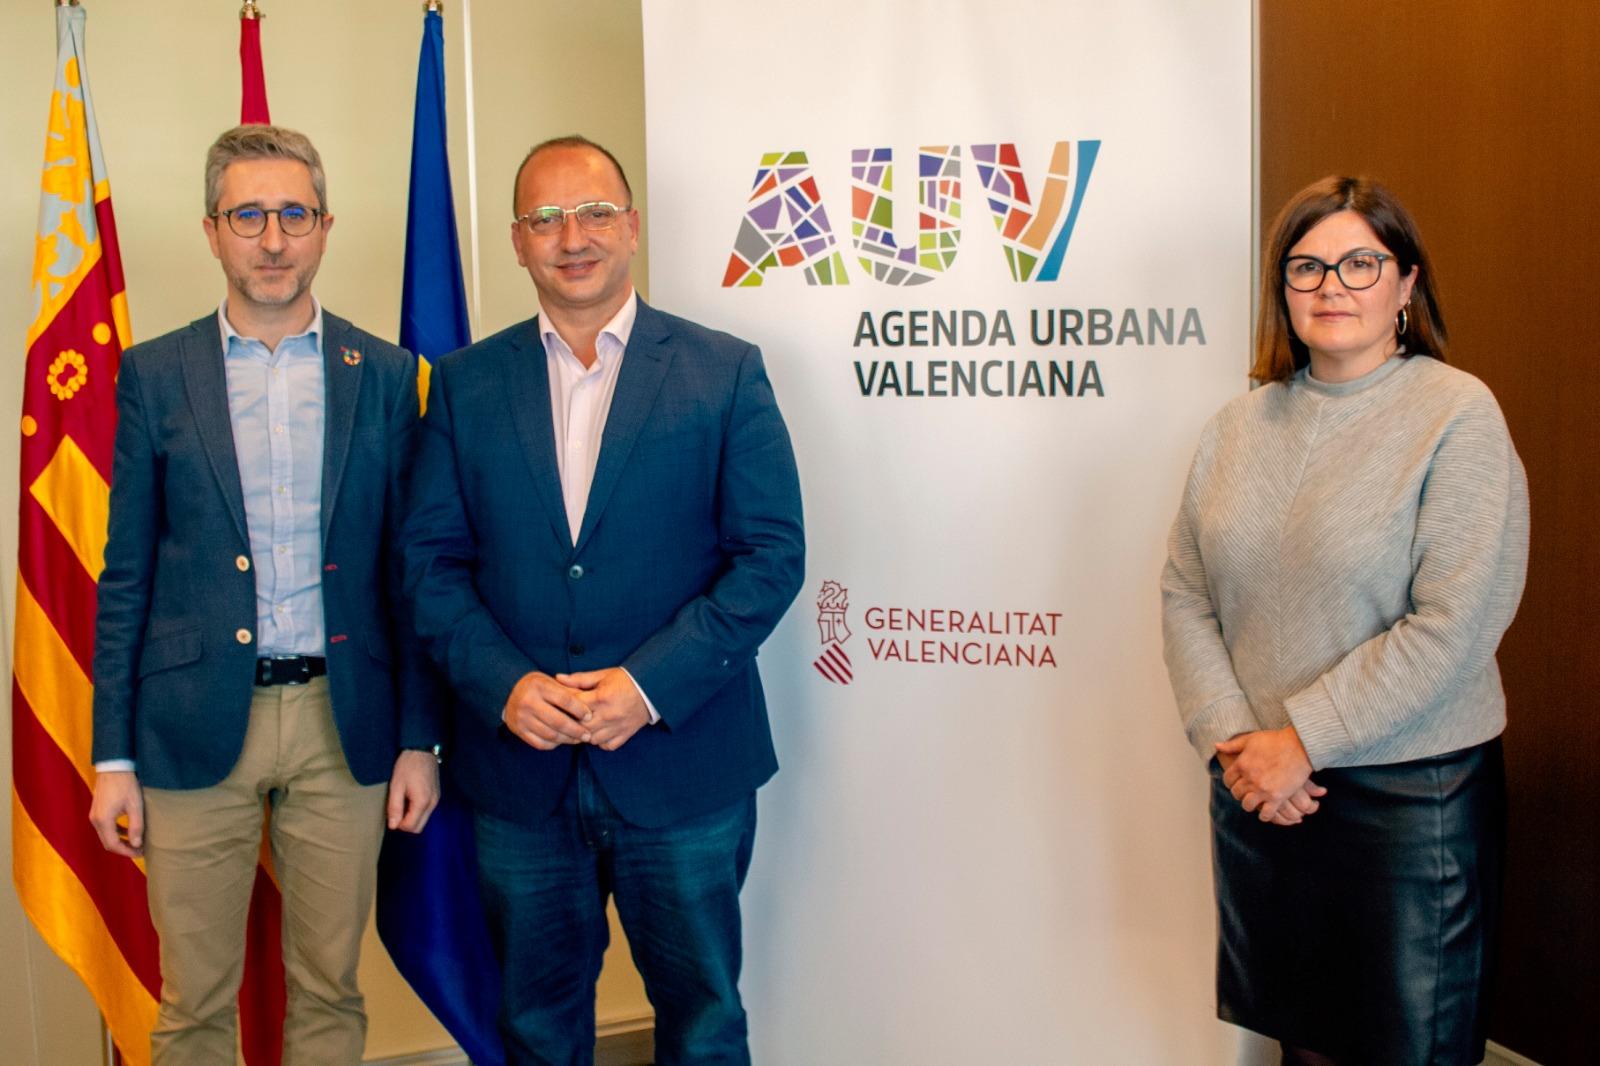 """Arcadi España reivindica el dret a la ciutat com a prioritat de l""""Agenda Urbana Valenciana"""